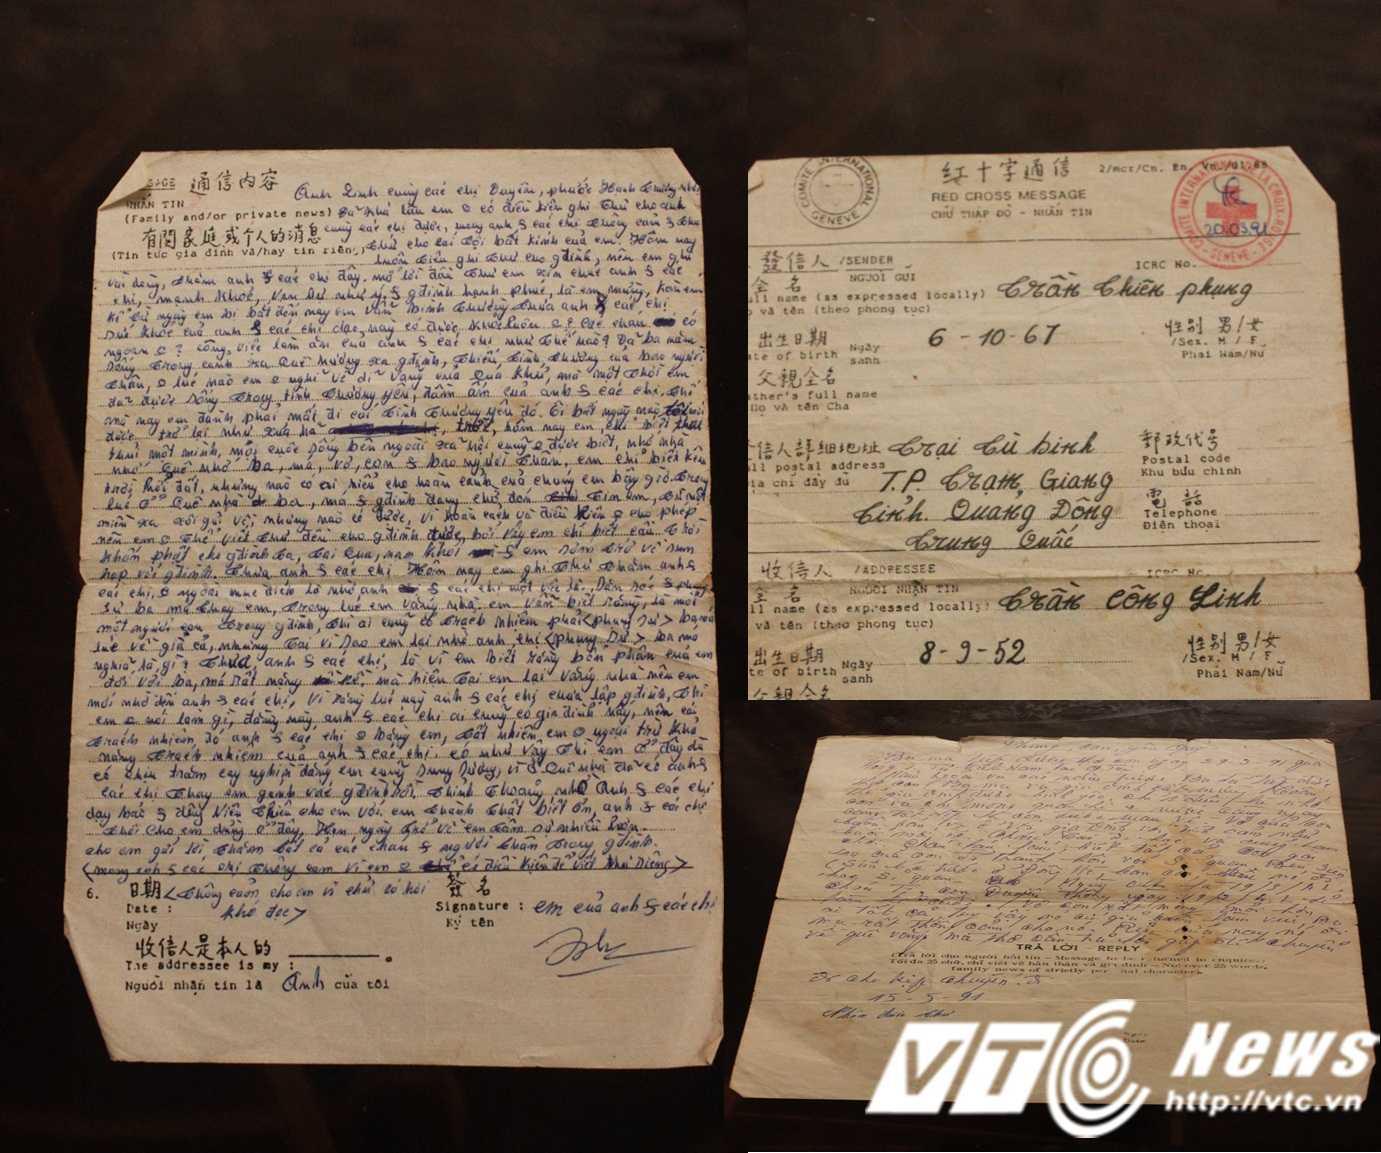 Nhờ sự can thiệp của Hội Chữ thập đỏ Quốc tế anh Phụng và gia đình mới được viết thư từ qua lại cho nhau.